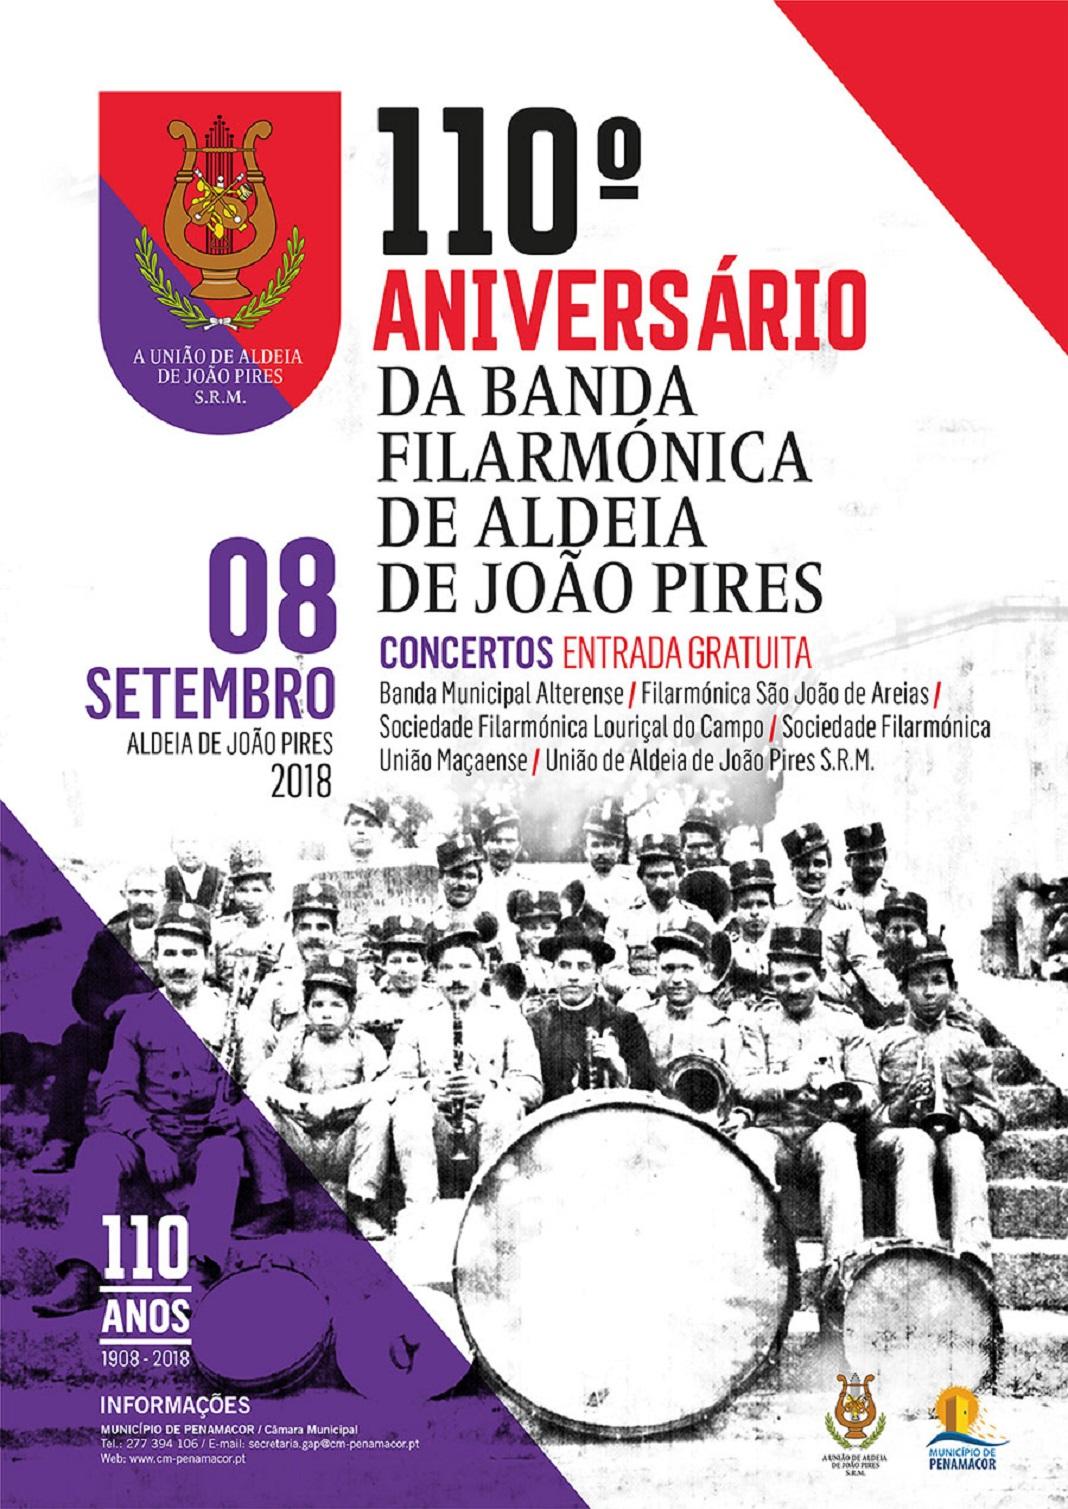 Filarmónica de Aldeia de João Pires reúne em concerto 250 músicos